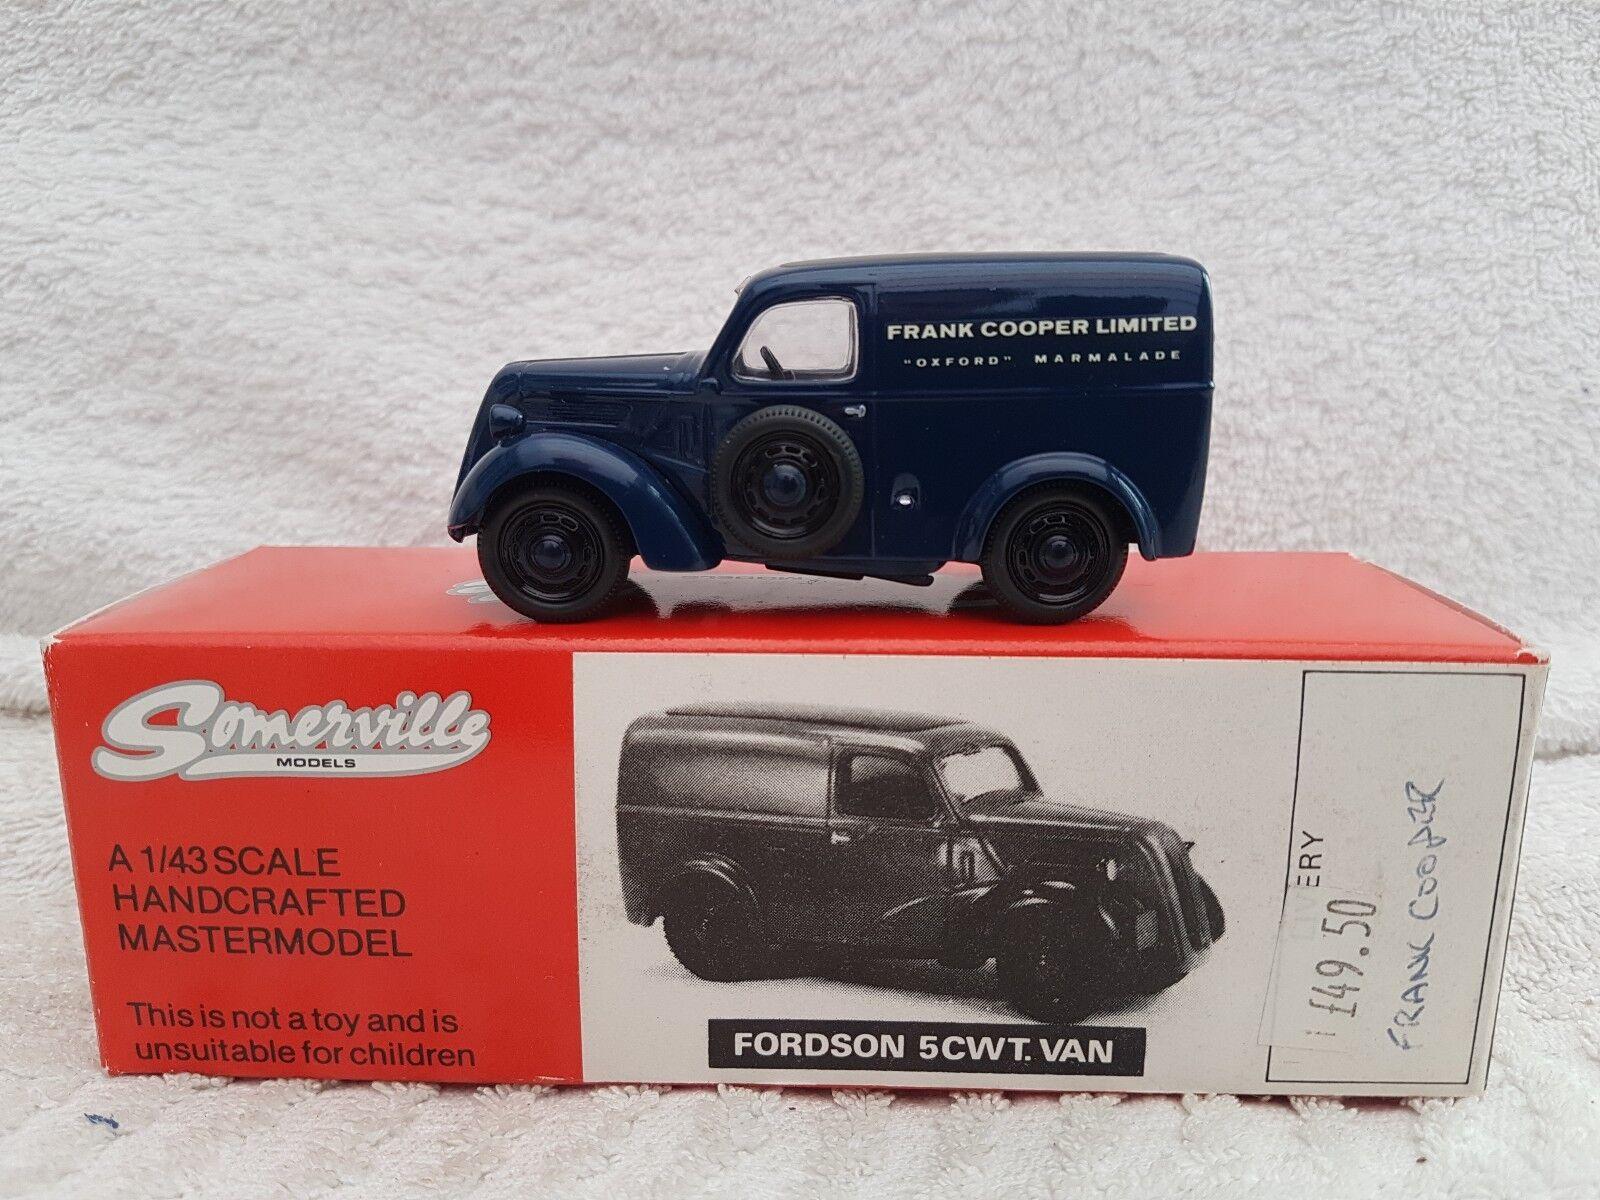 Somerville Models Fordson 5CWT Van Frank Cooper Oxford Marmalade Ltd Ed 1 43